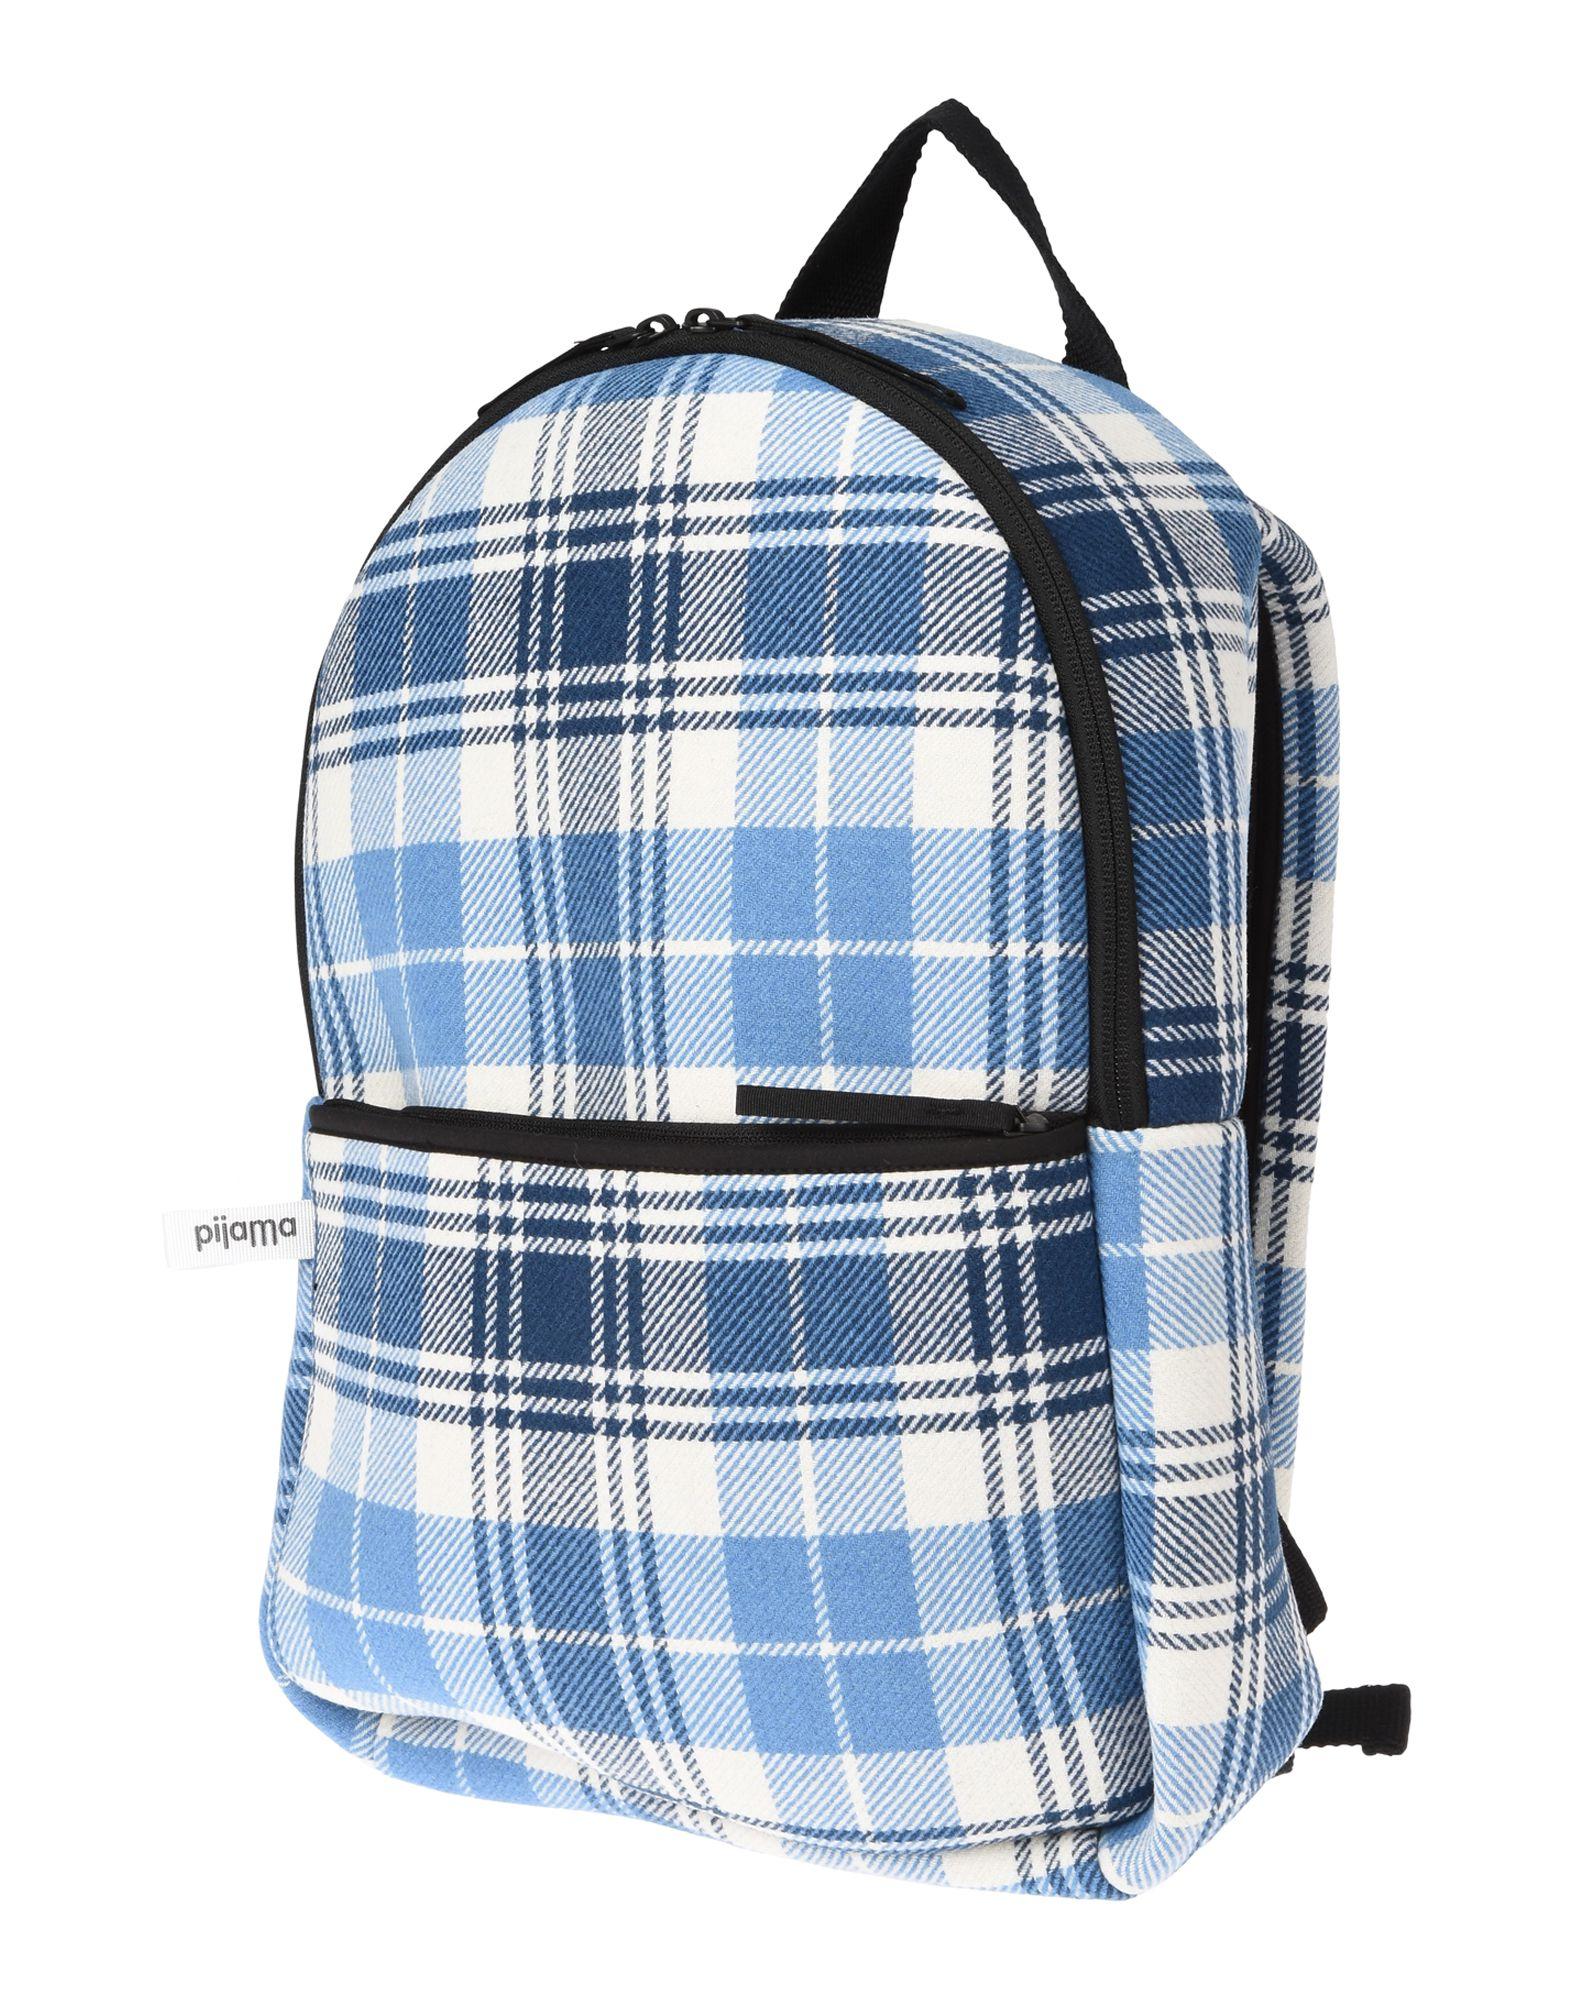 PIJAMA Рюкзаки и сумки на пояс moschino couture рюкзаки и сумки на пояс